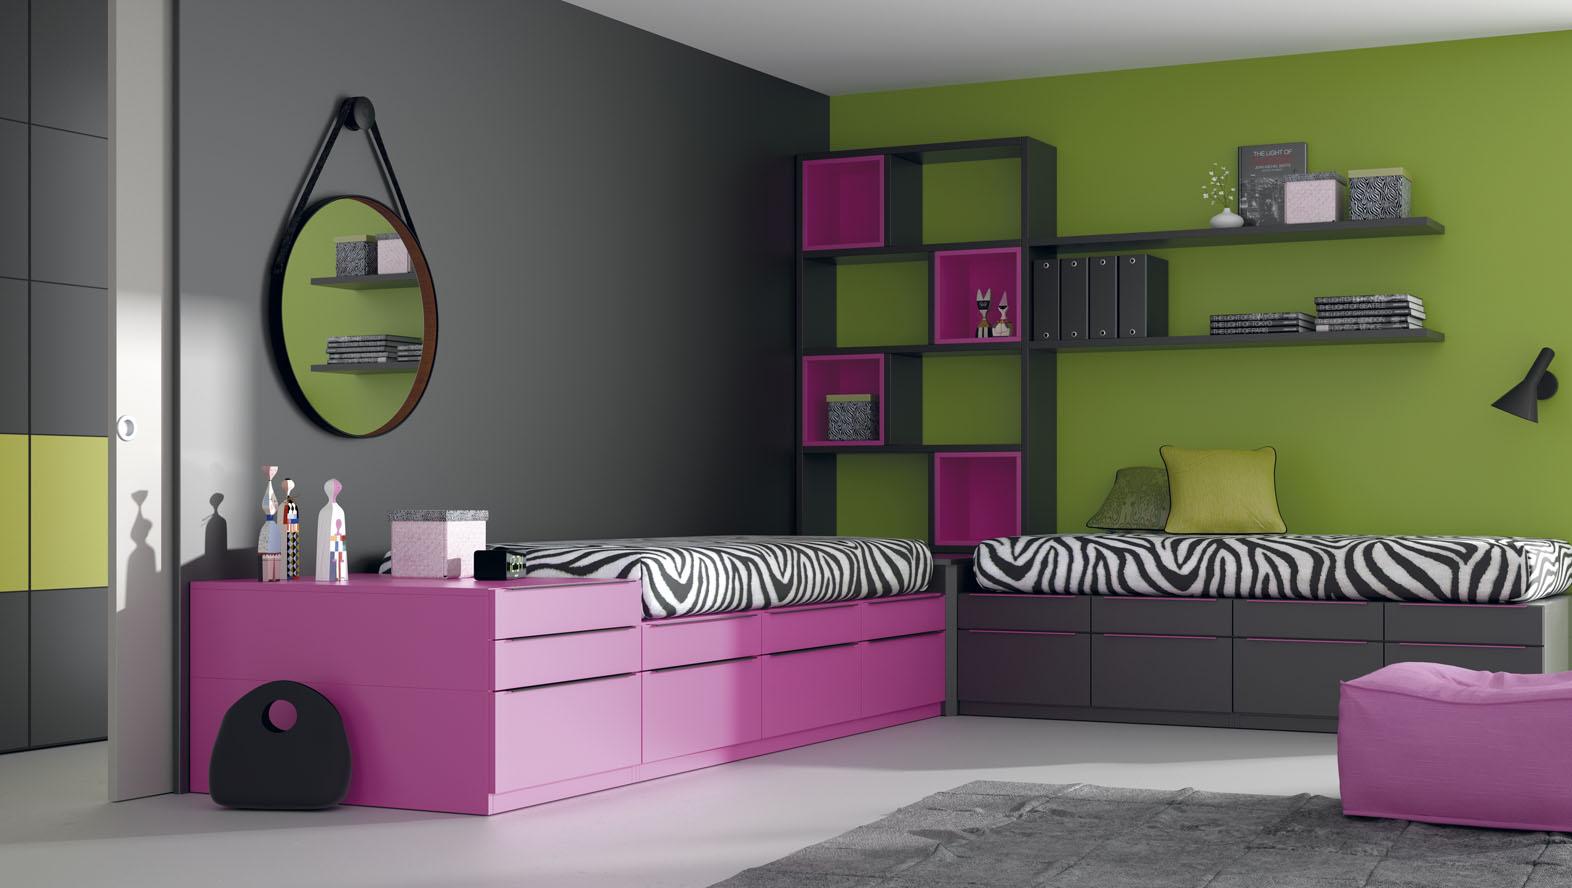 dormitori juvenil per a dos llits compactes bloc en ela moble juvenil